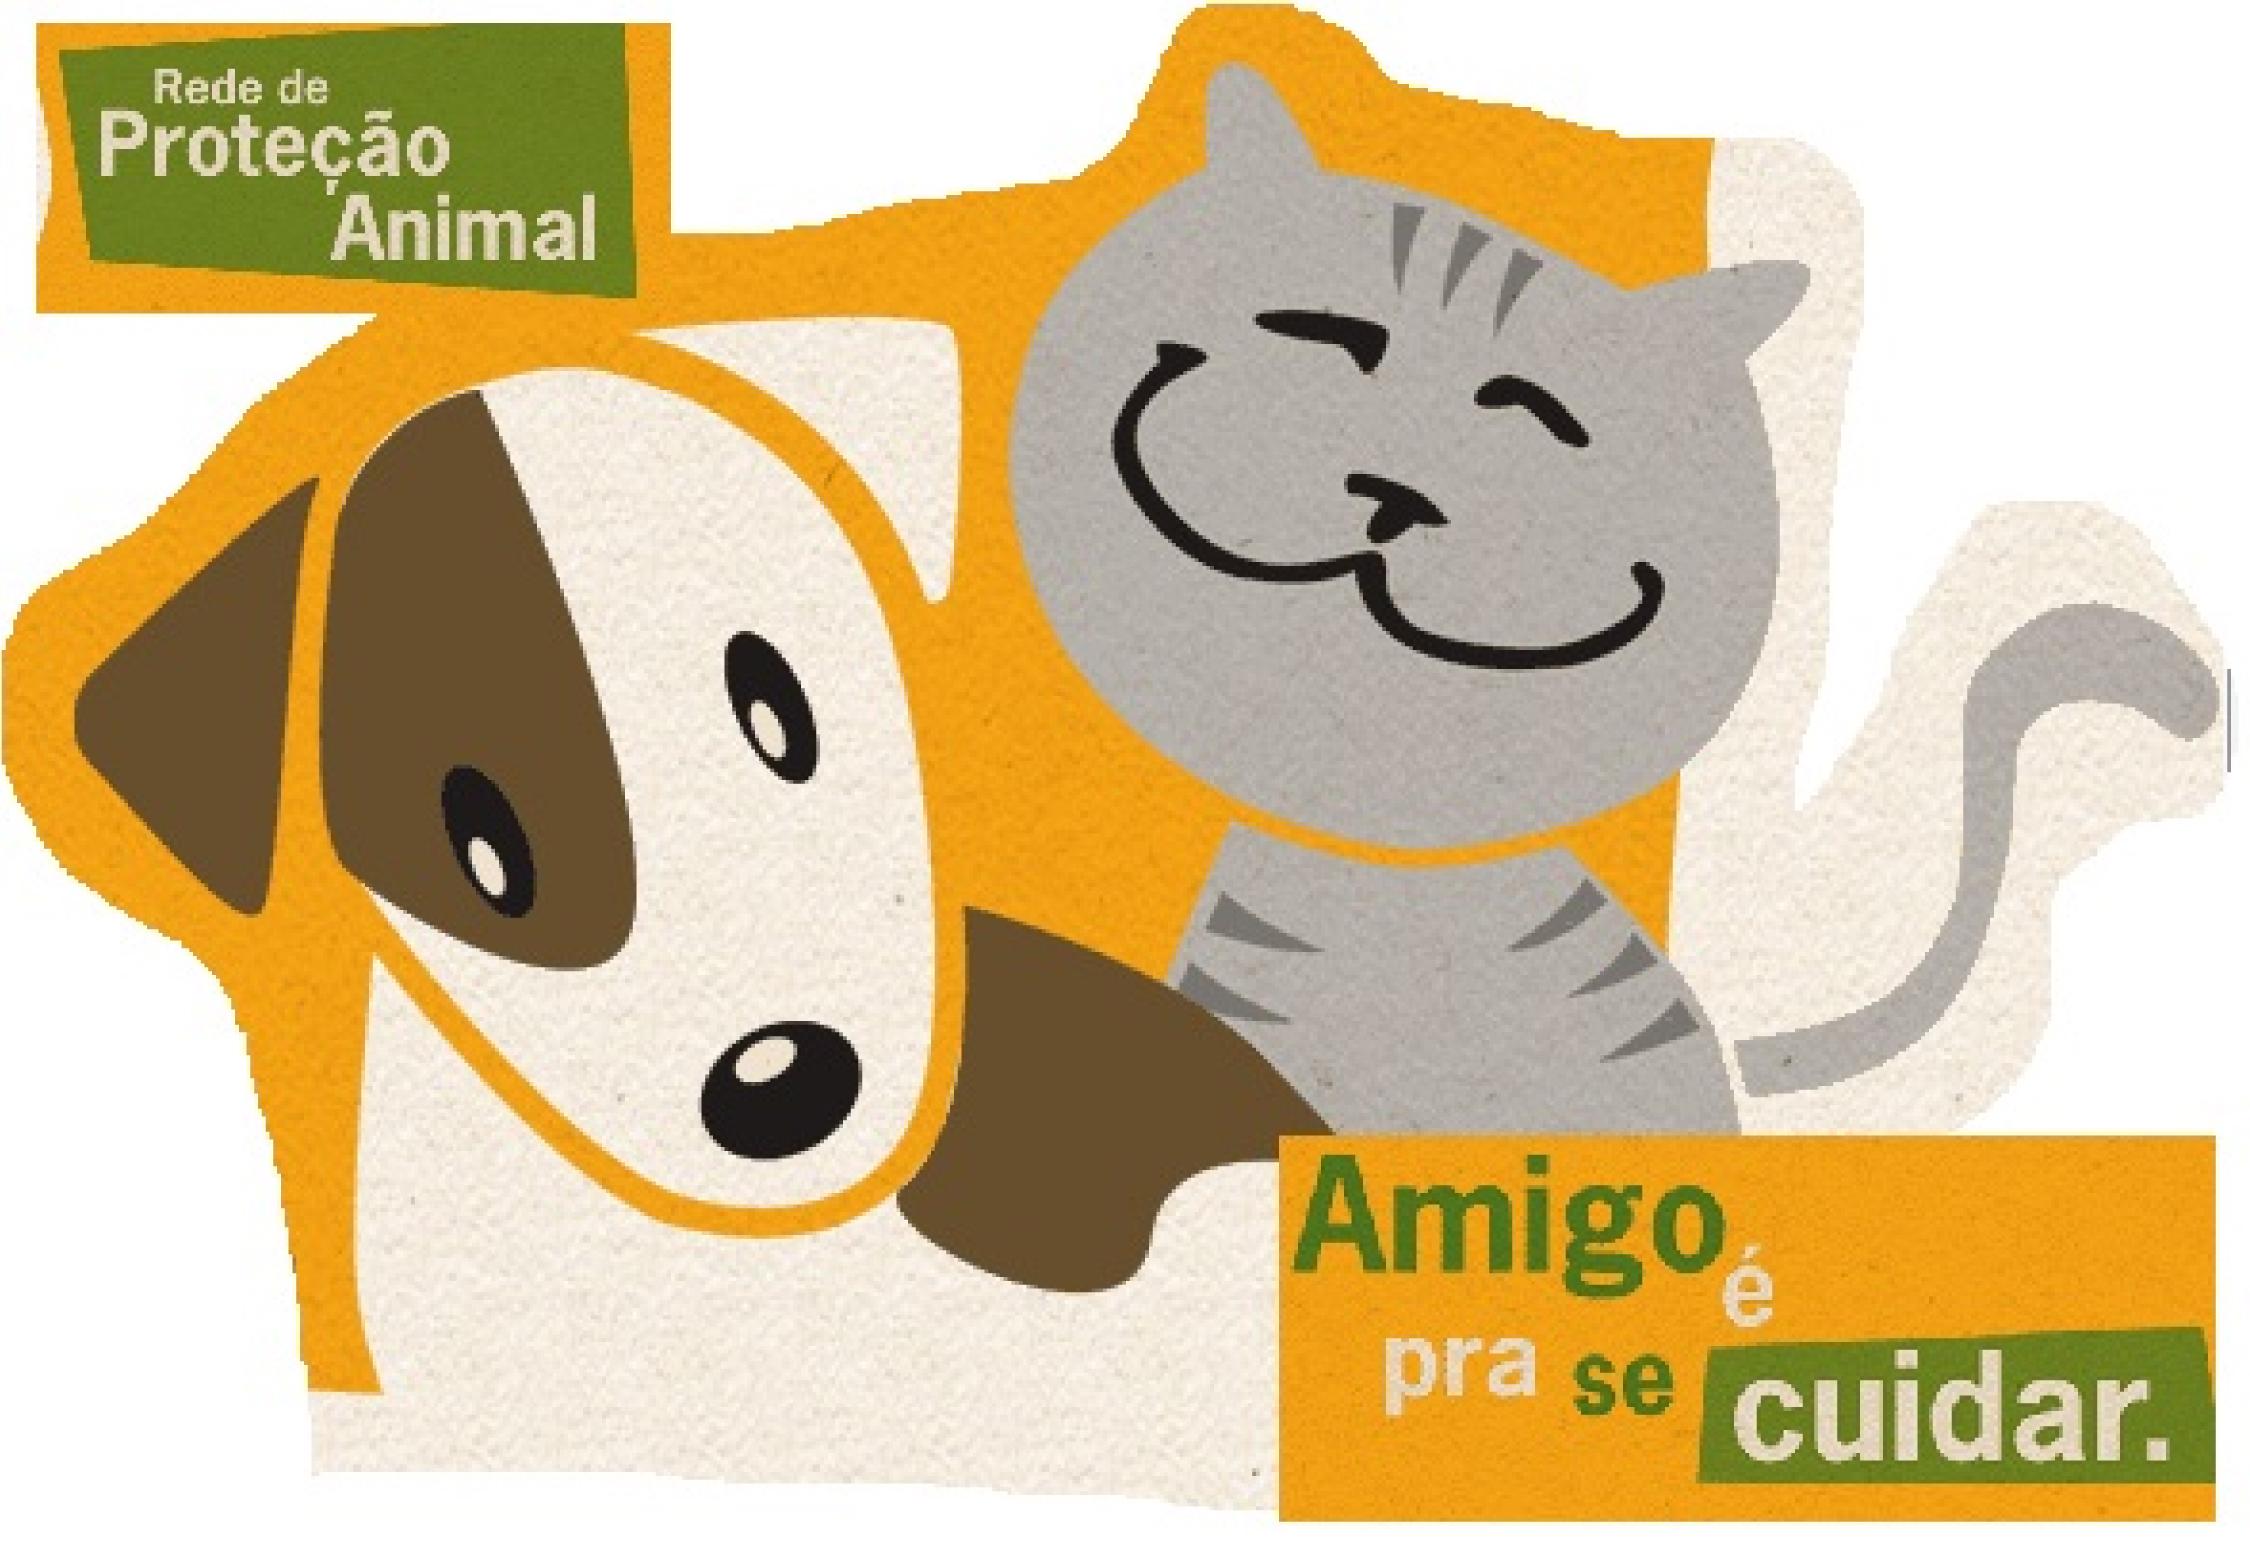 Evento virtual de adoção de cães e gatos da Rede de Proteção Animal acontece neste sábado (31/7)